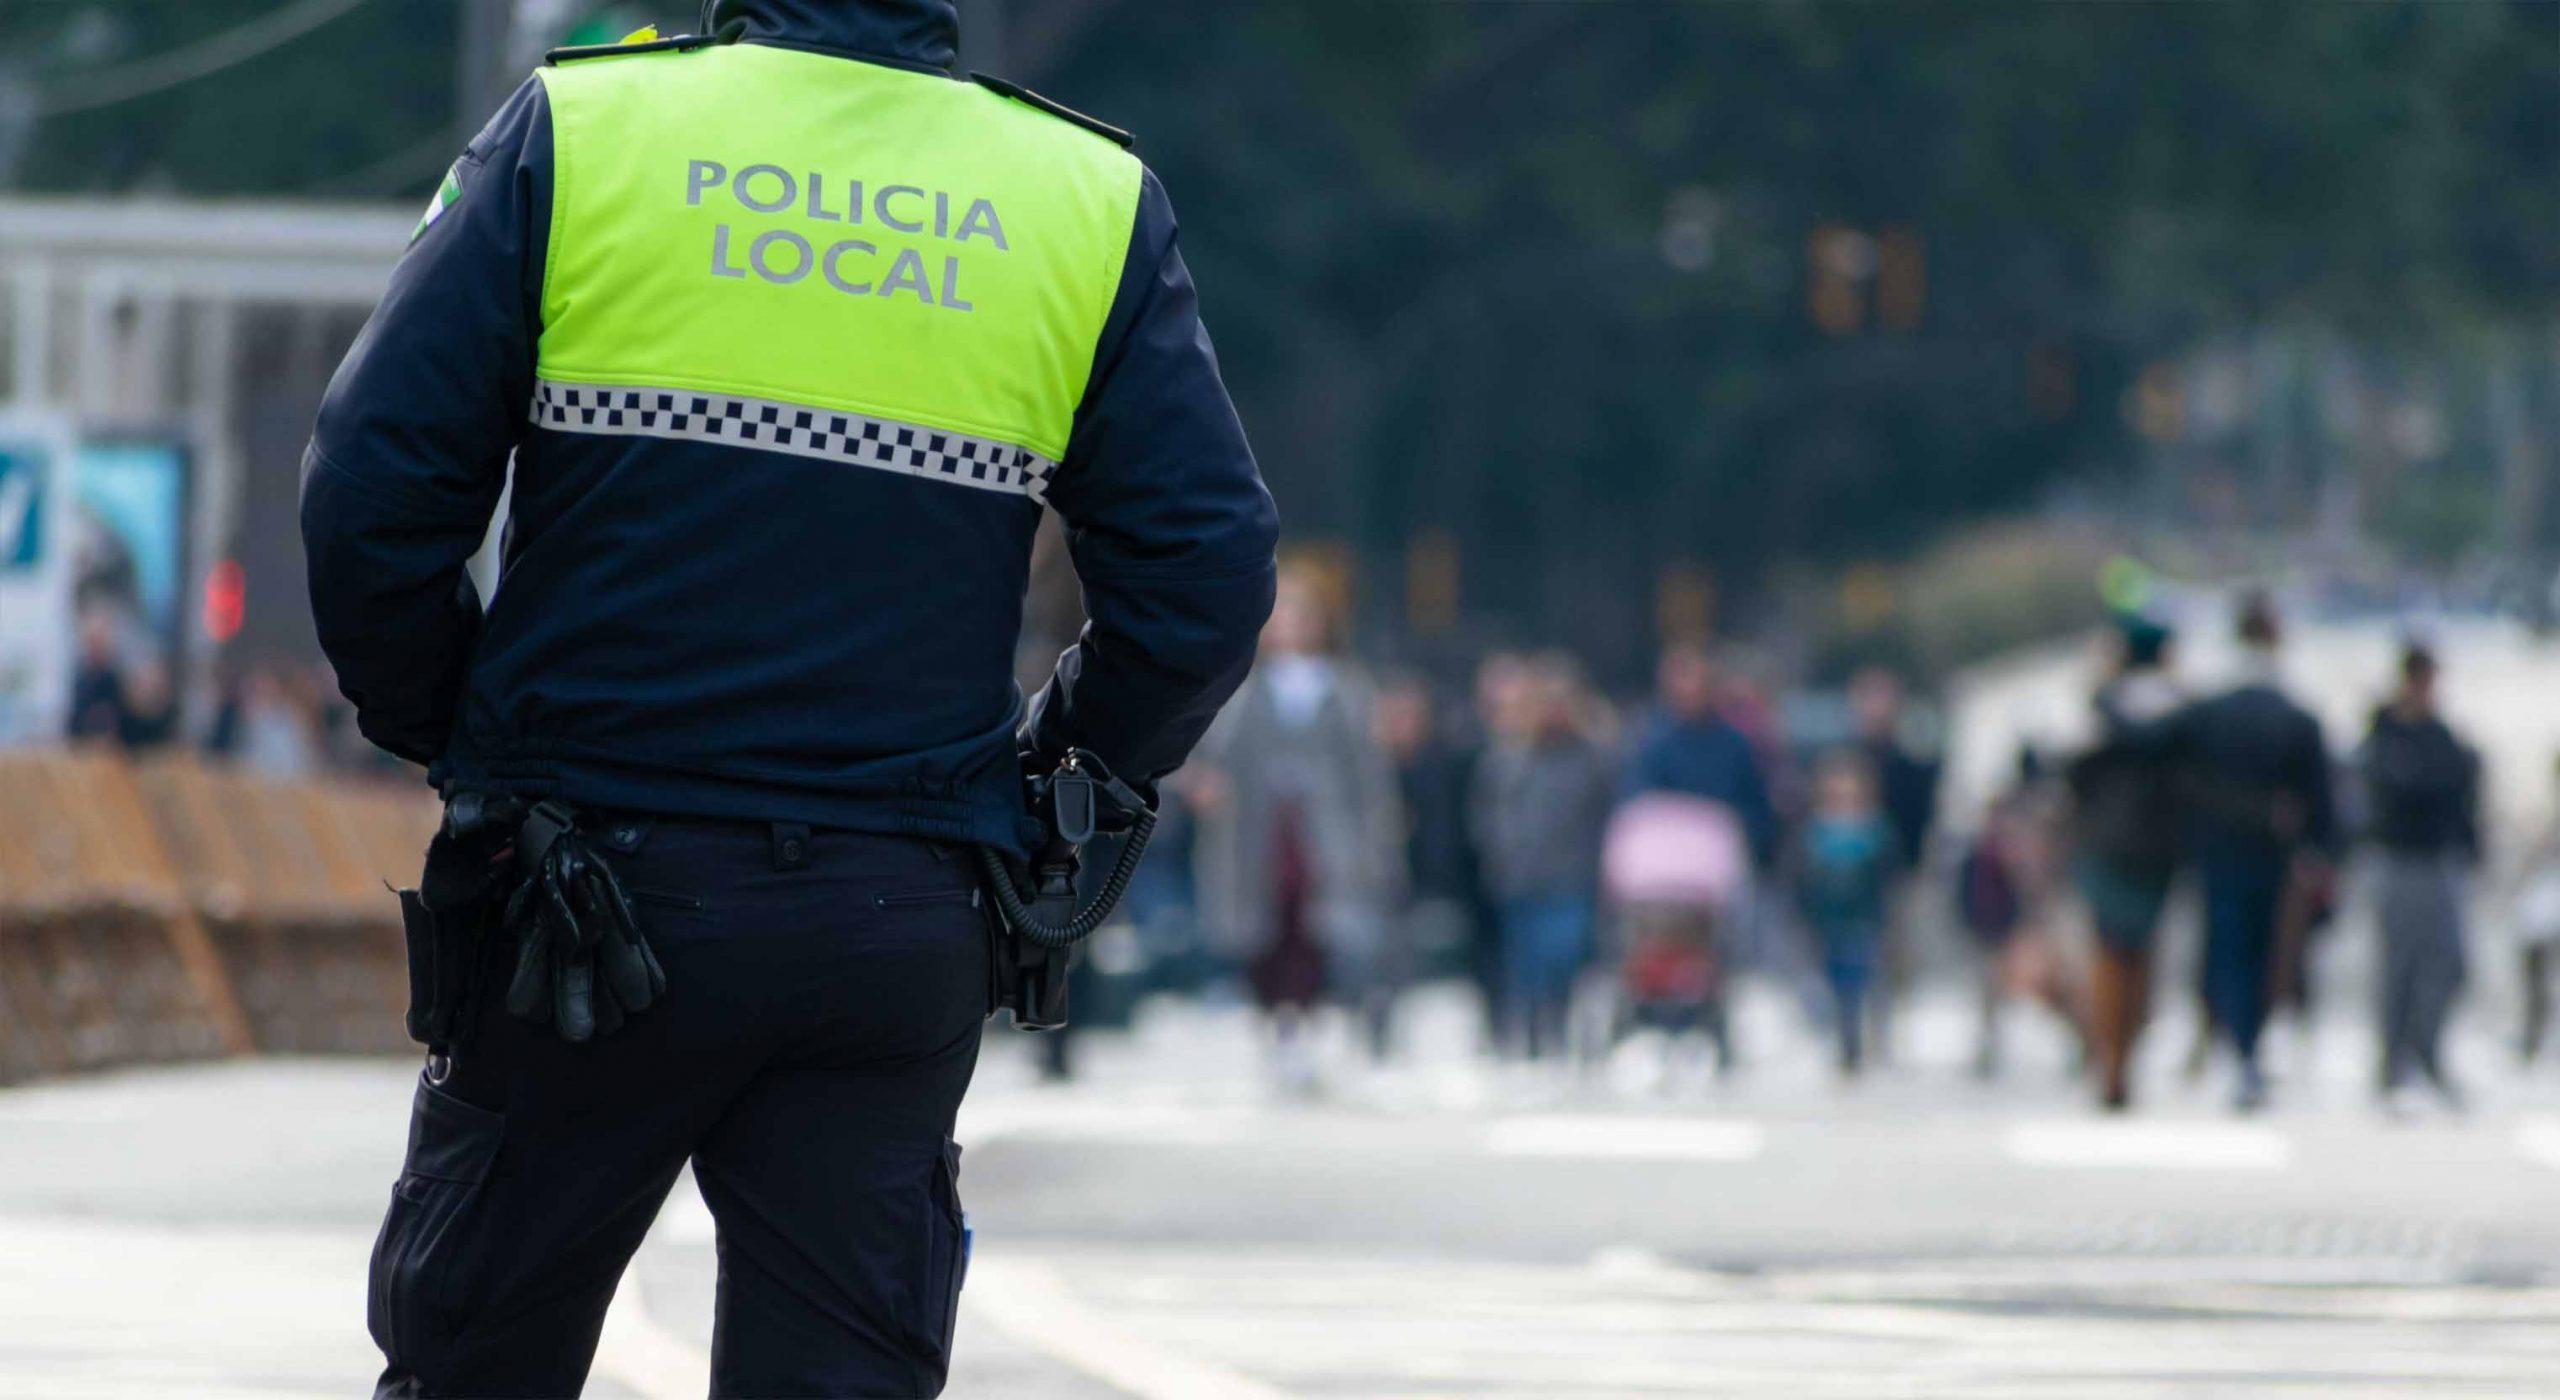 Academia de oposiciones Policía Local: elige la mejor